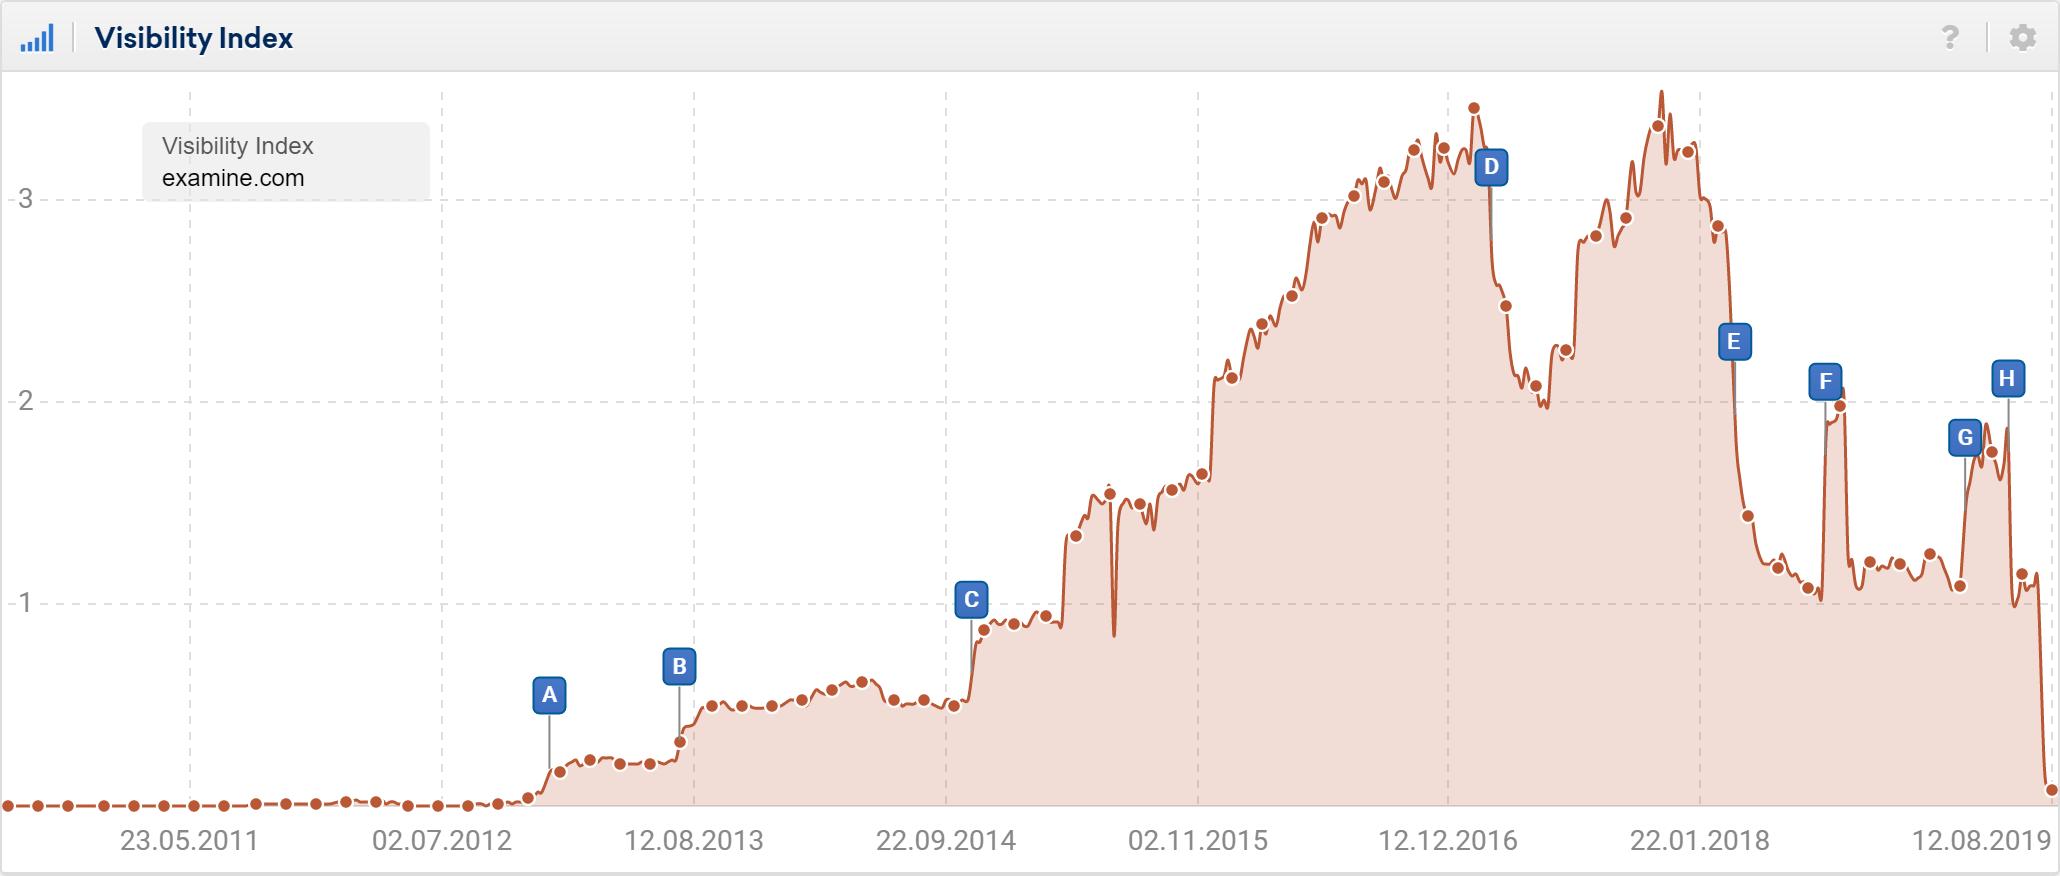 Gráfico que muestra la visibilidad de examine.com en UK y su tendencia descendente en agosto